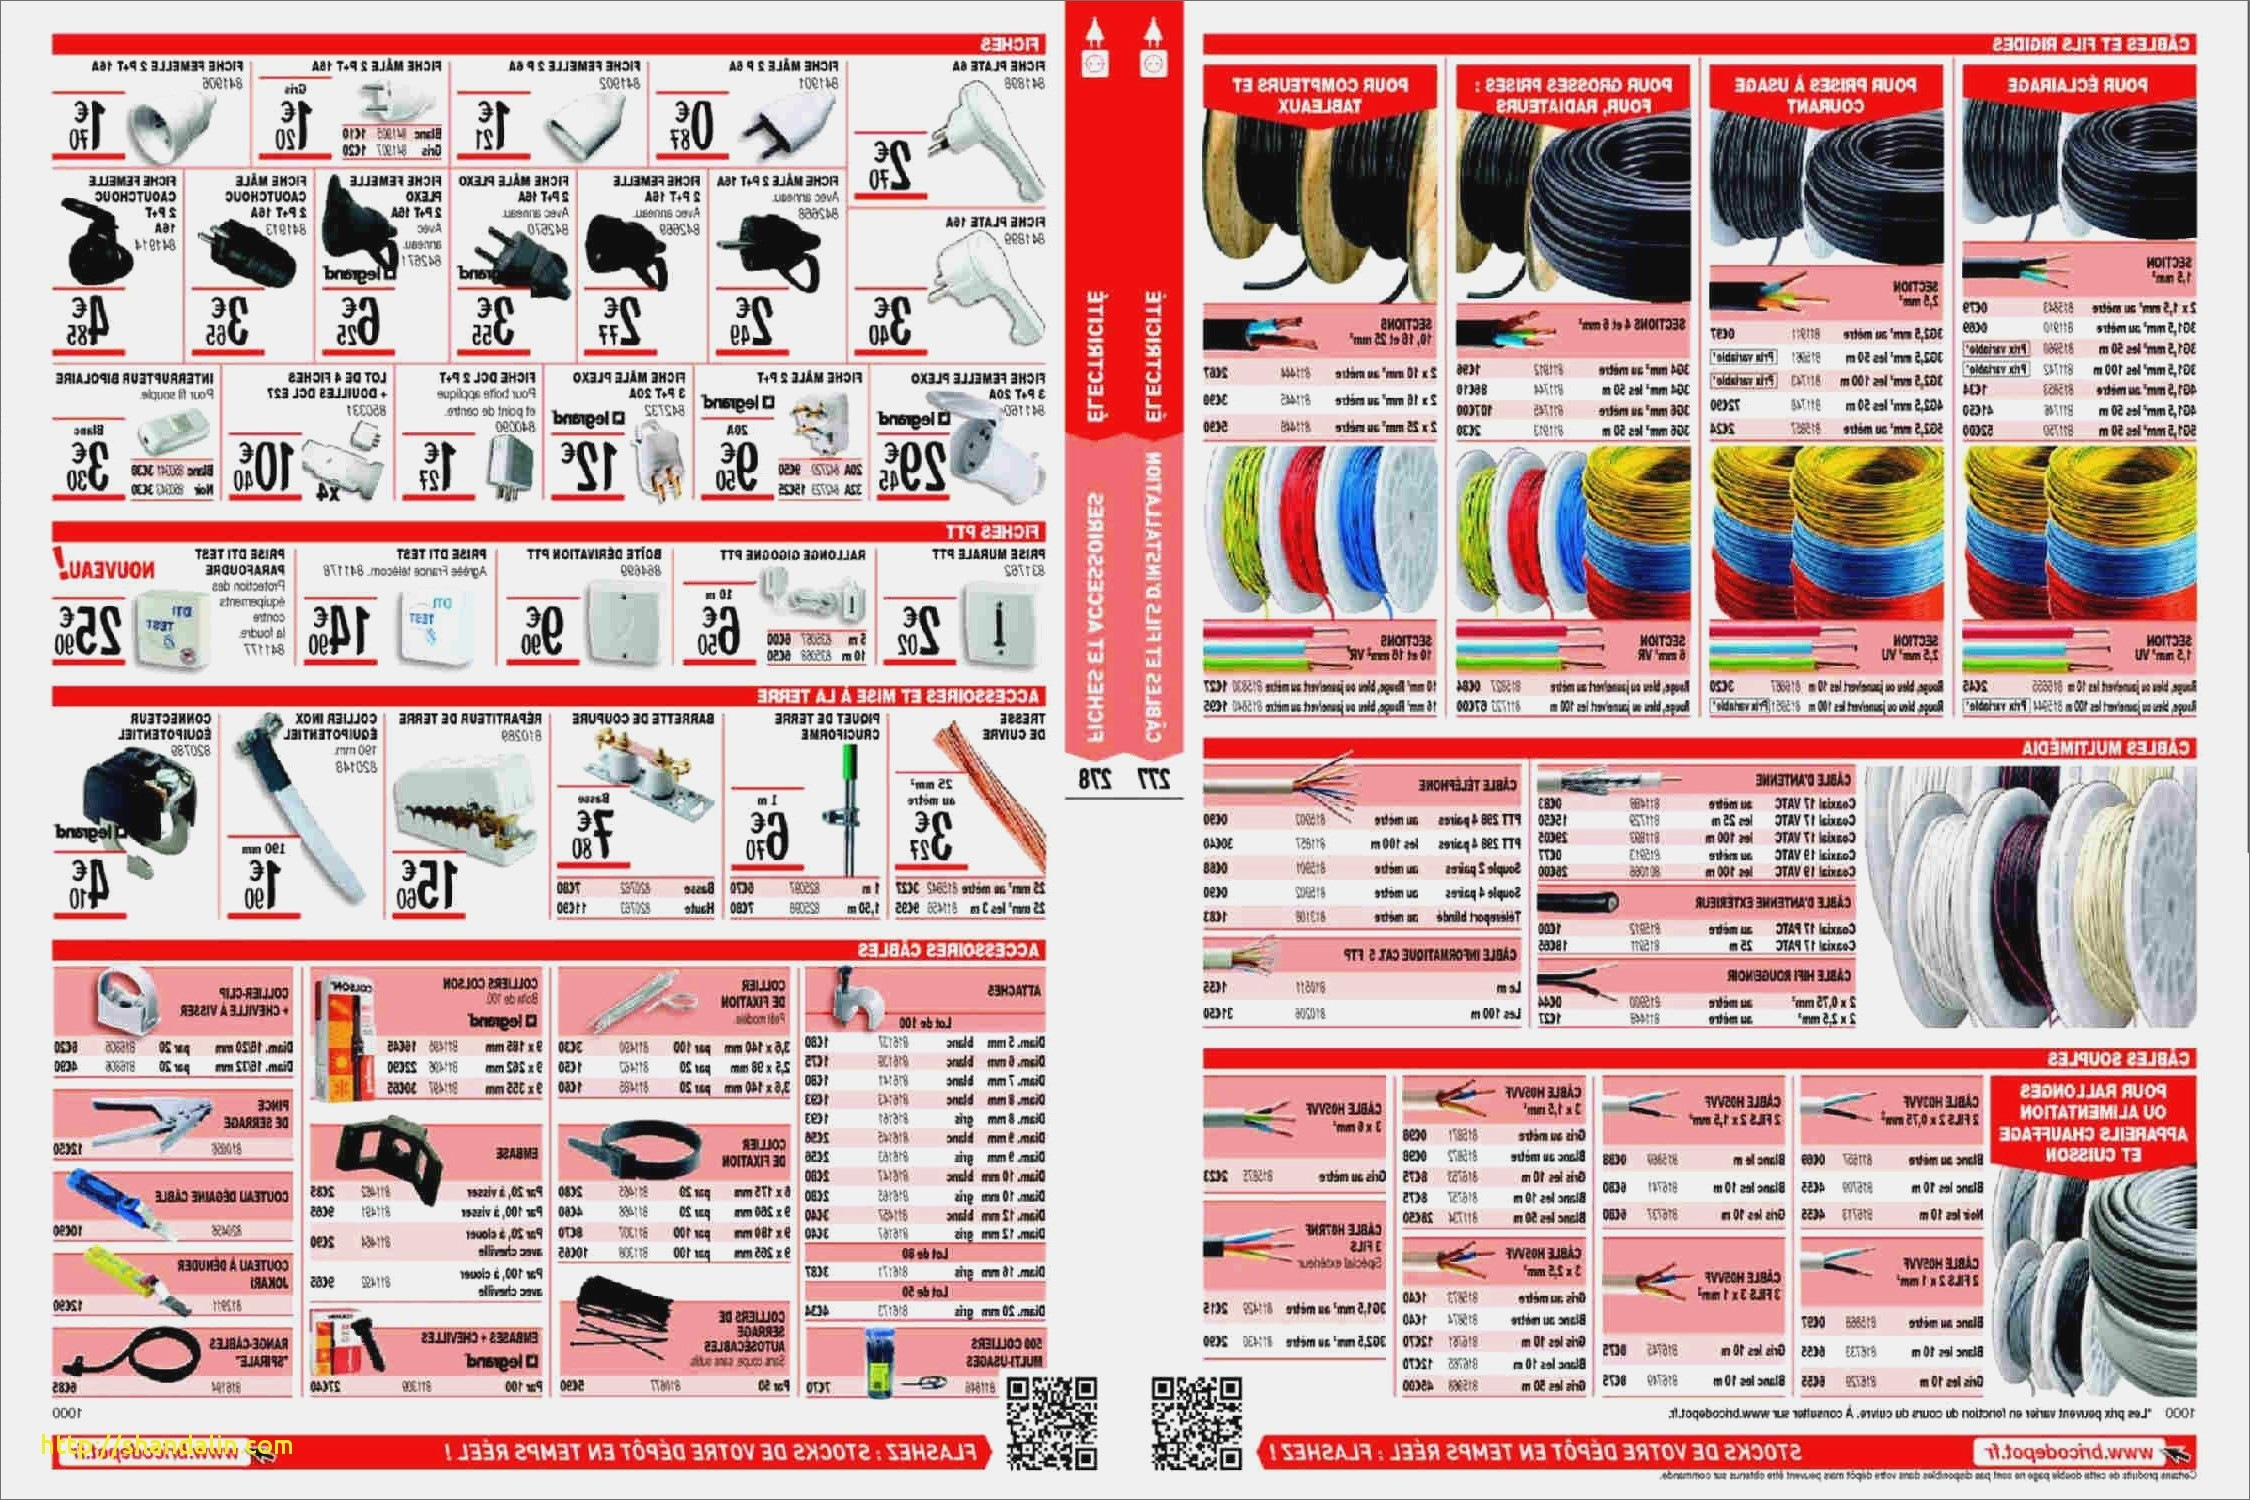 Brico Depot Maubeuge Cuisine Inspirant Photographie Brico Depot La Roche Sur Yon Cuisine Luxe Brico Dép´t Catalogue